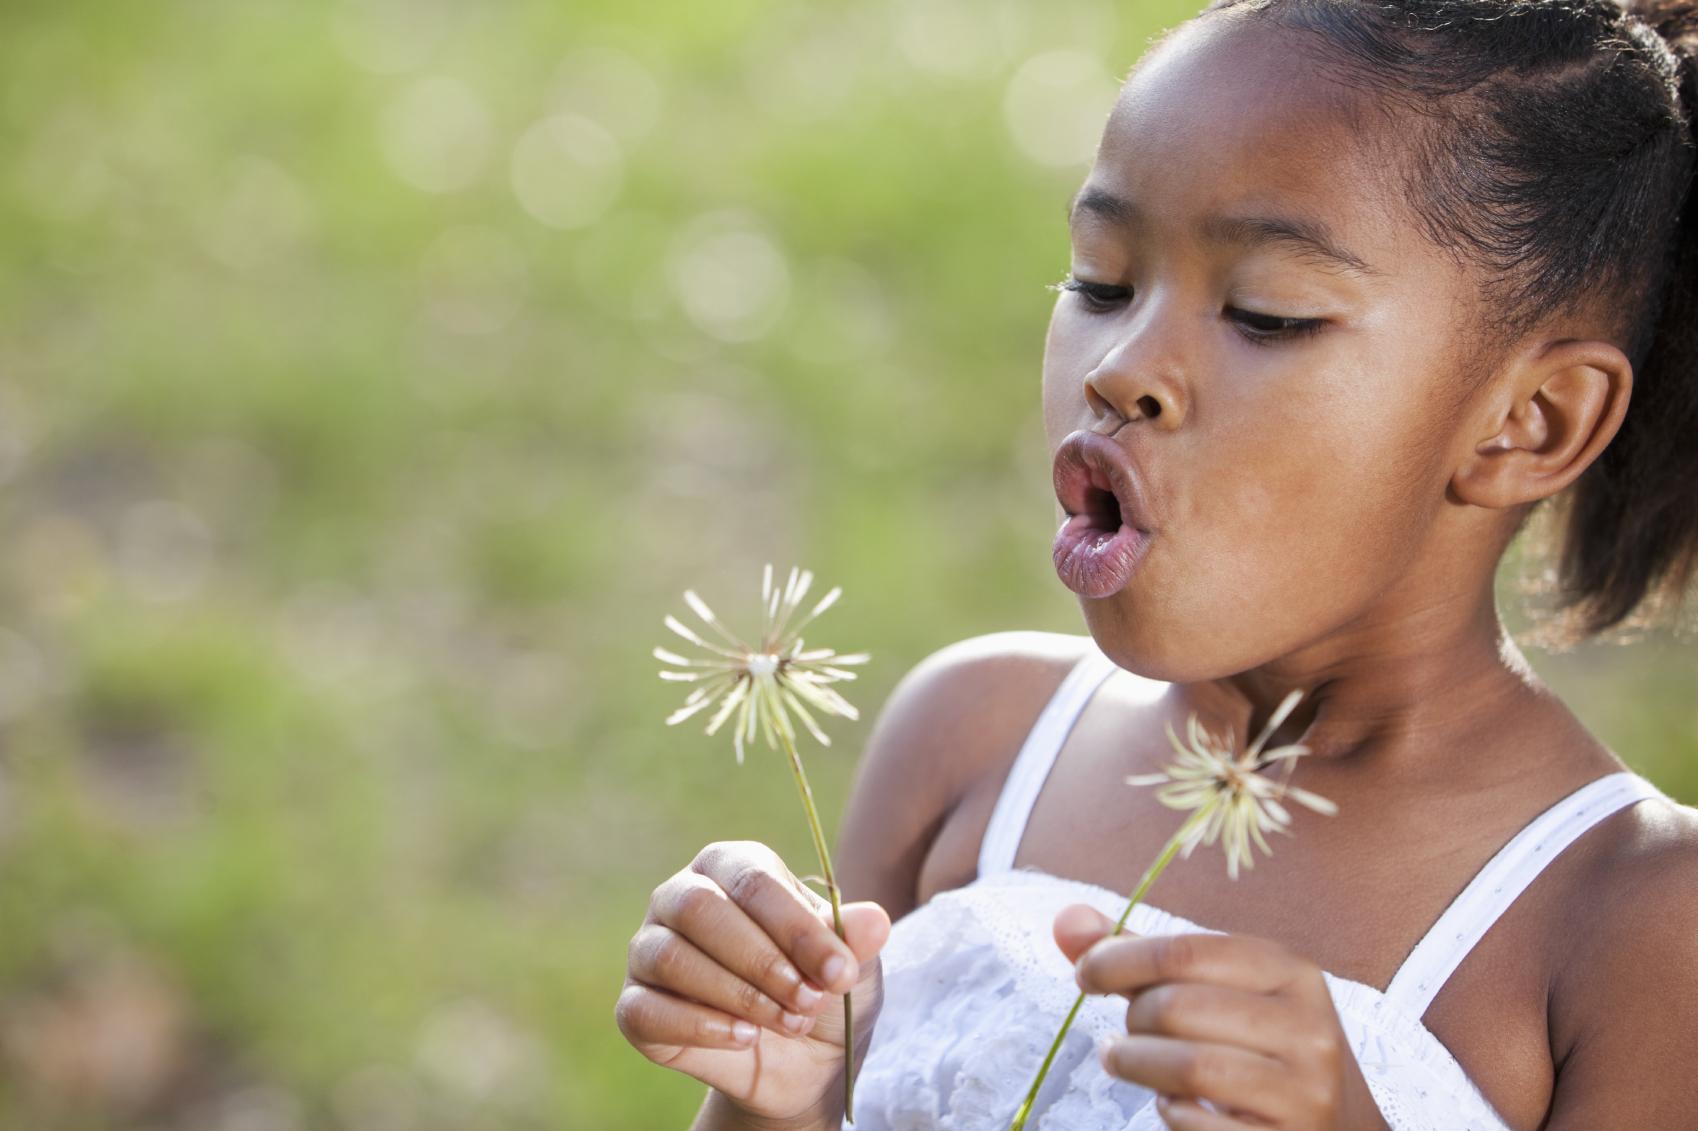 Little girl wearing sundress holding flowers